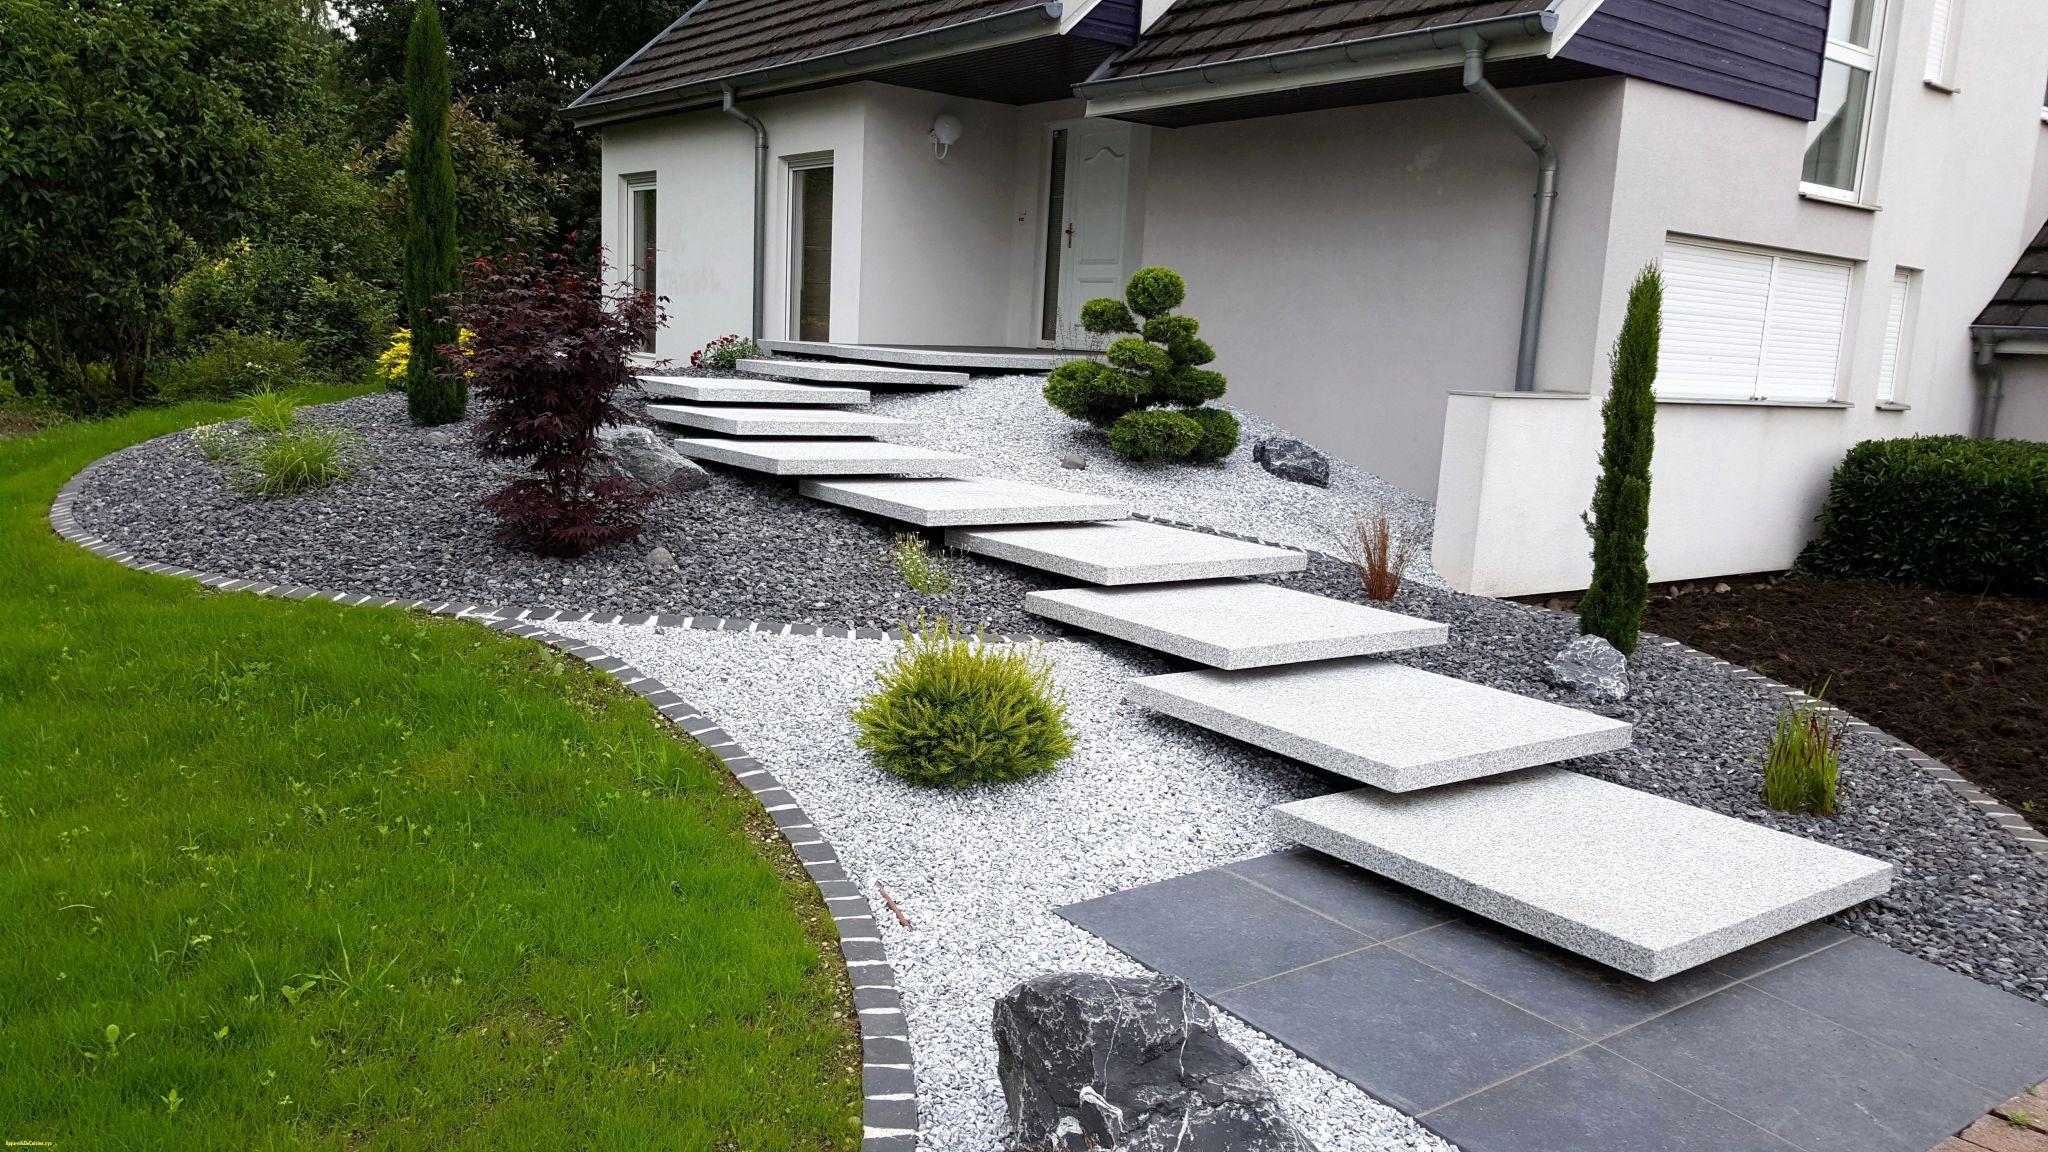 idee deco jardin exterieur avec beau idee deco jardin sur idee amenagement exterieur maison idee de de idee deco jardin exterieur